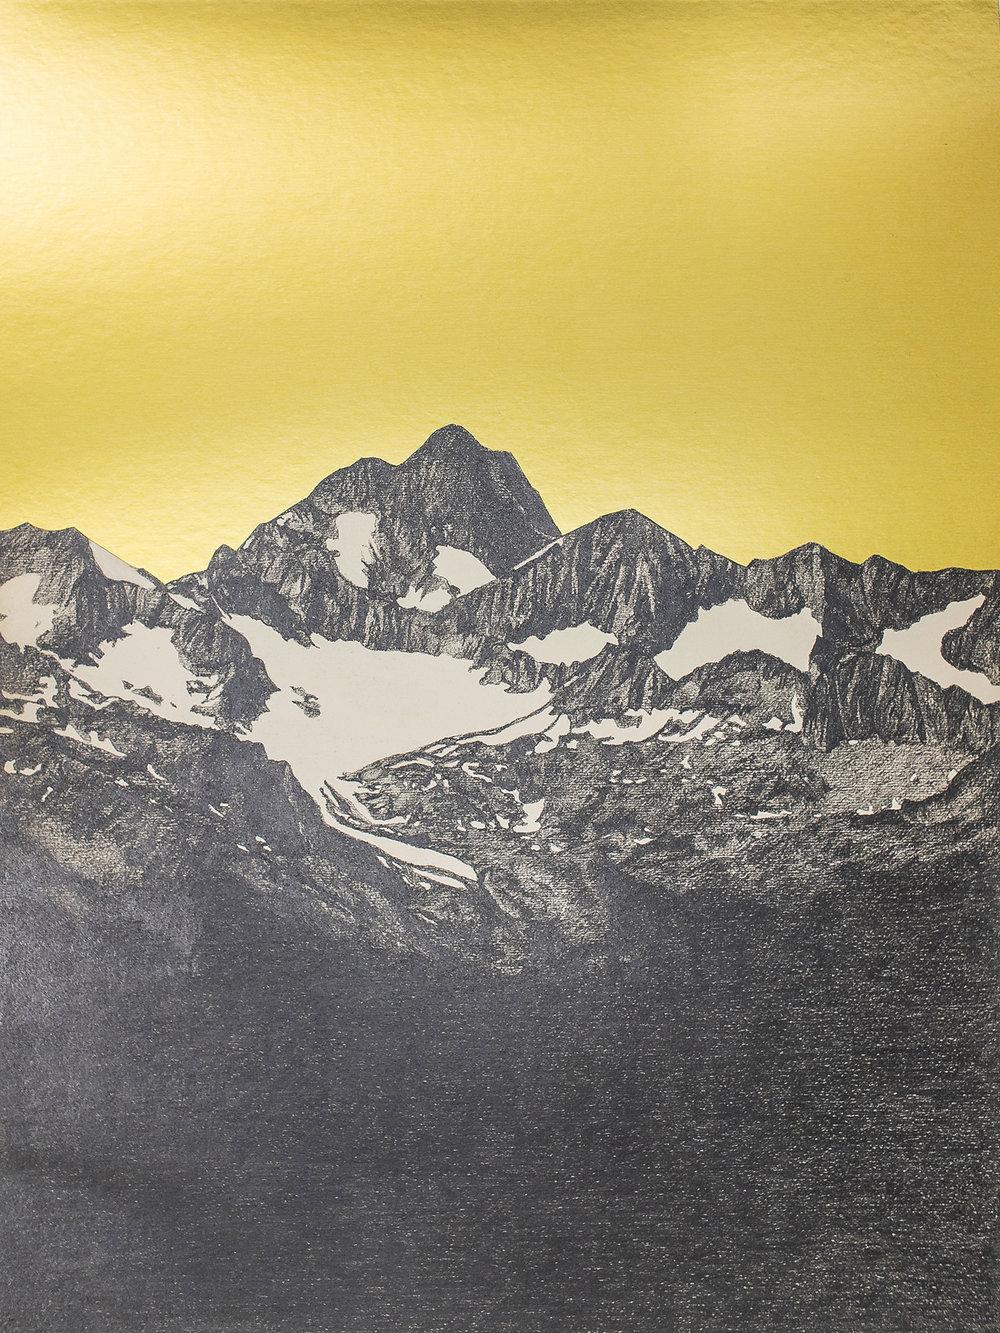 Abb.: Michael Merkel, Sacri Monti, 2018, Bleistift und Folie auf Papier, 30 x 22,5 cm